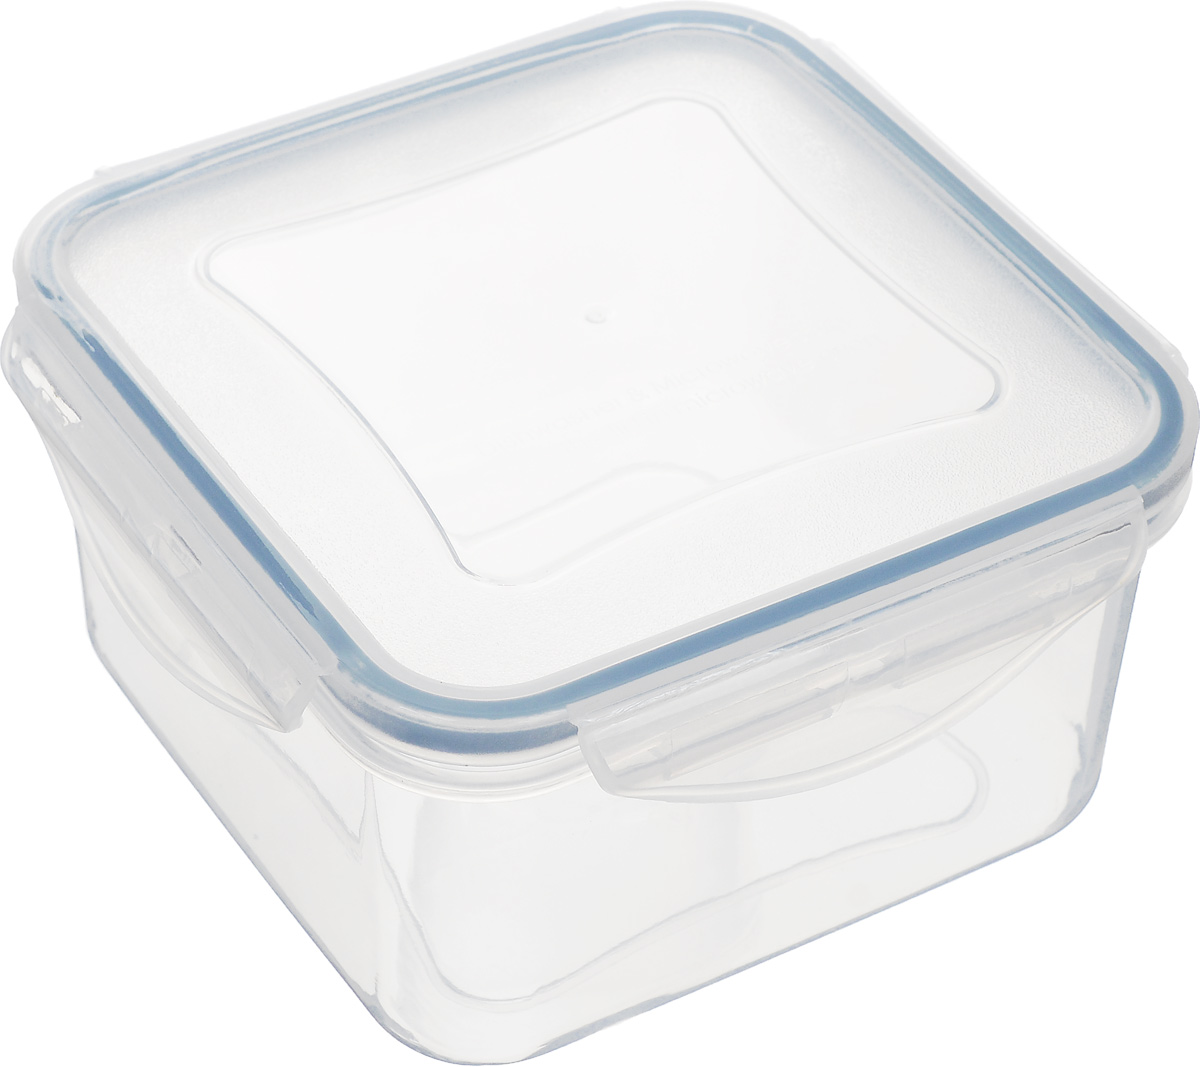 Контейнер Tescoma Freshbox, 700 млVT-1520(SR)Контейнер Tescoma Freshbox, изготовленный из прочного пластика, отлично подходит для хранения и разогрева блюд. Герметичная крышка имеет силиконовый уплотнитель, пища остается свежей дольше и не протекает при перевозке. Подходит для холодильника, морозильных камер, микроволновой печи и посудомоечной машины.